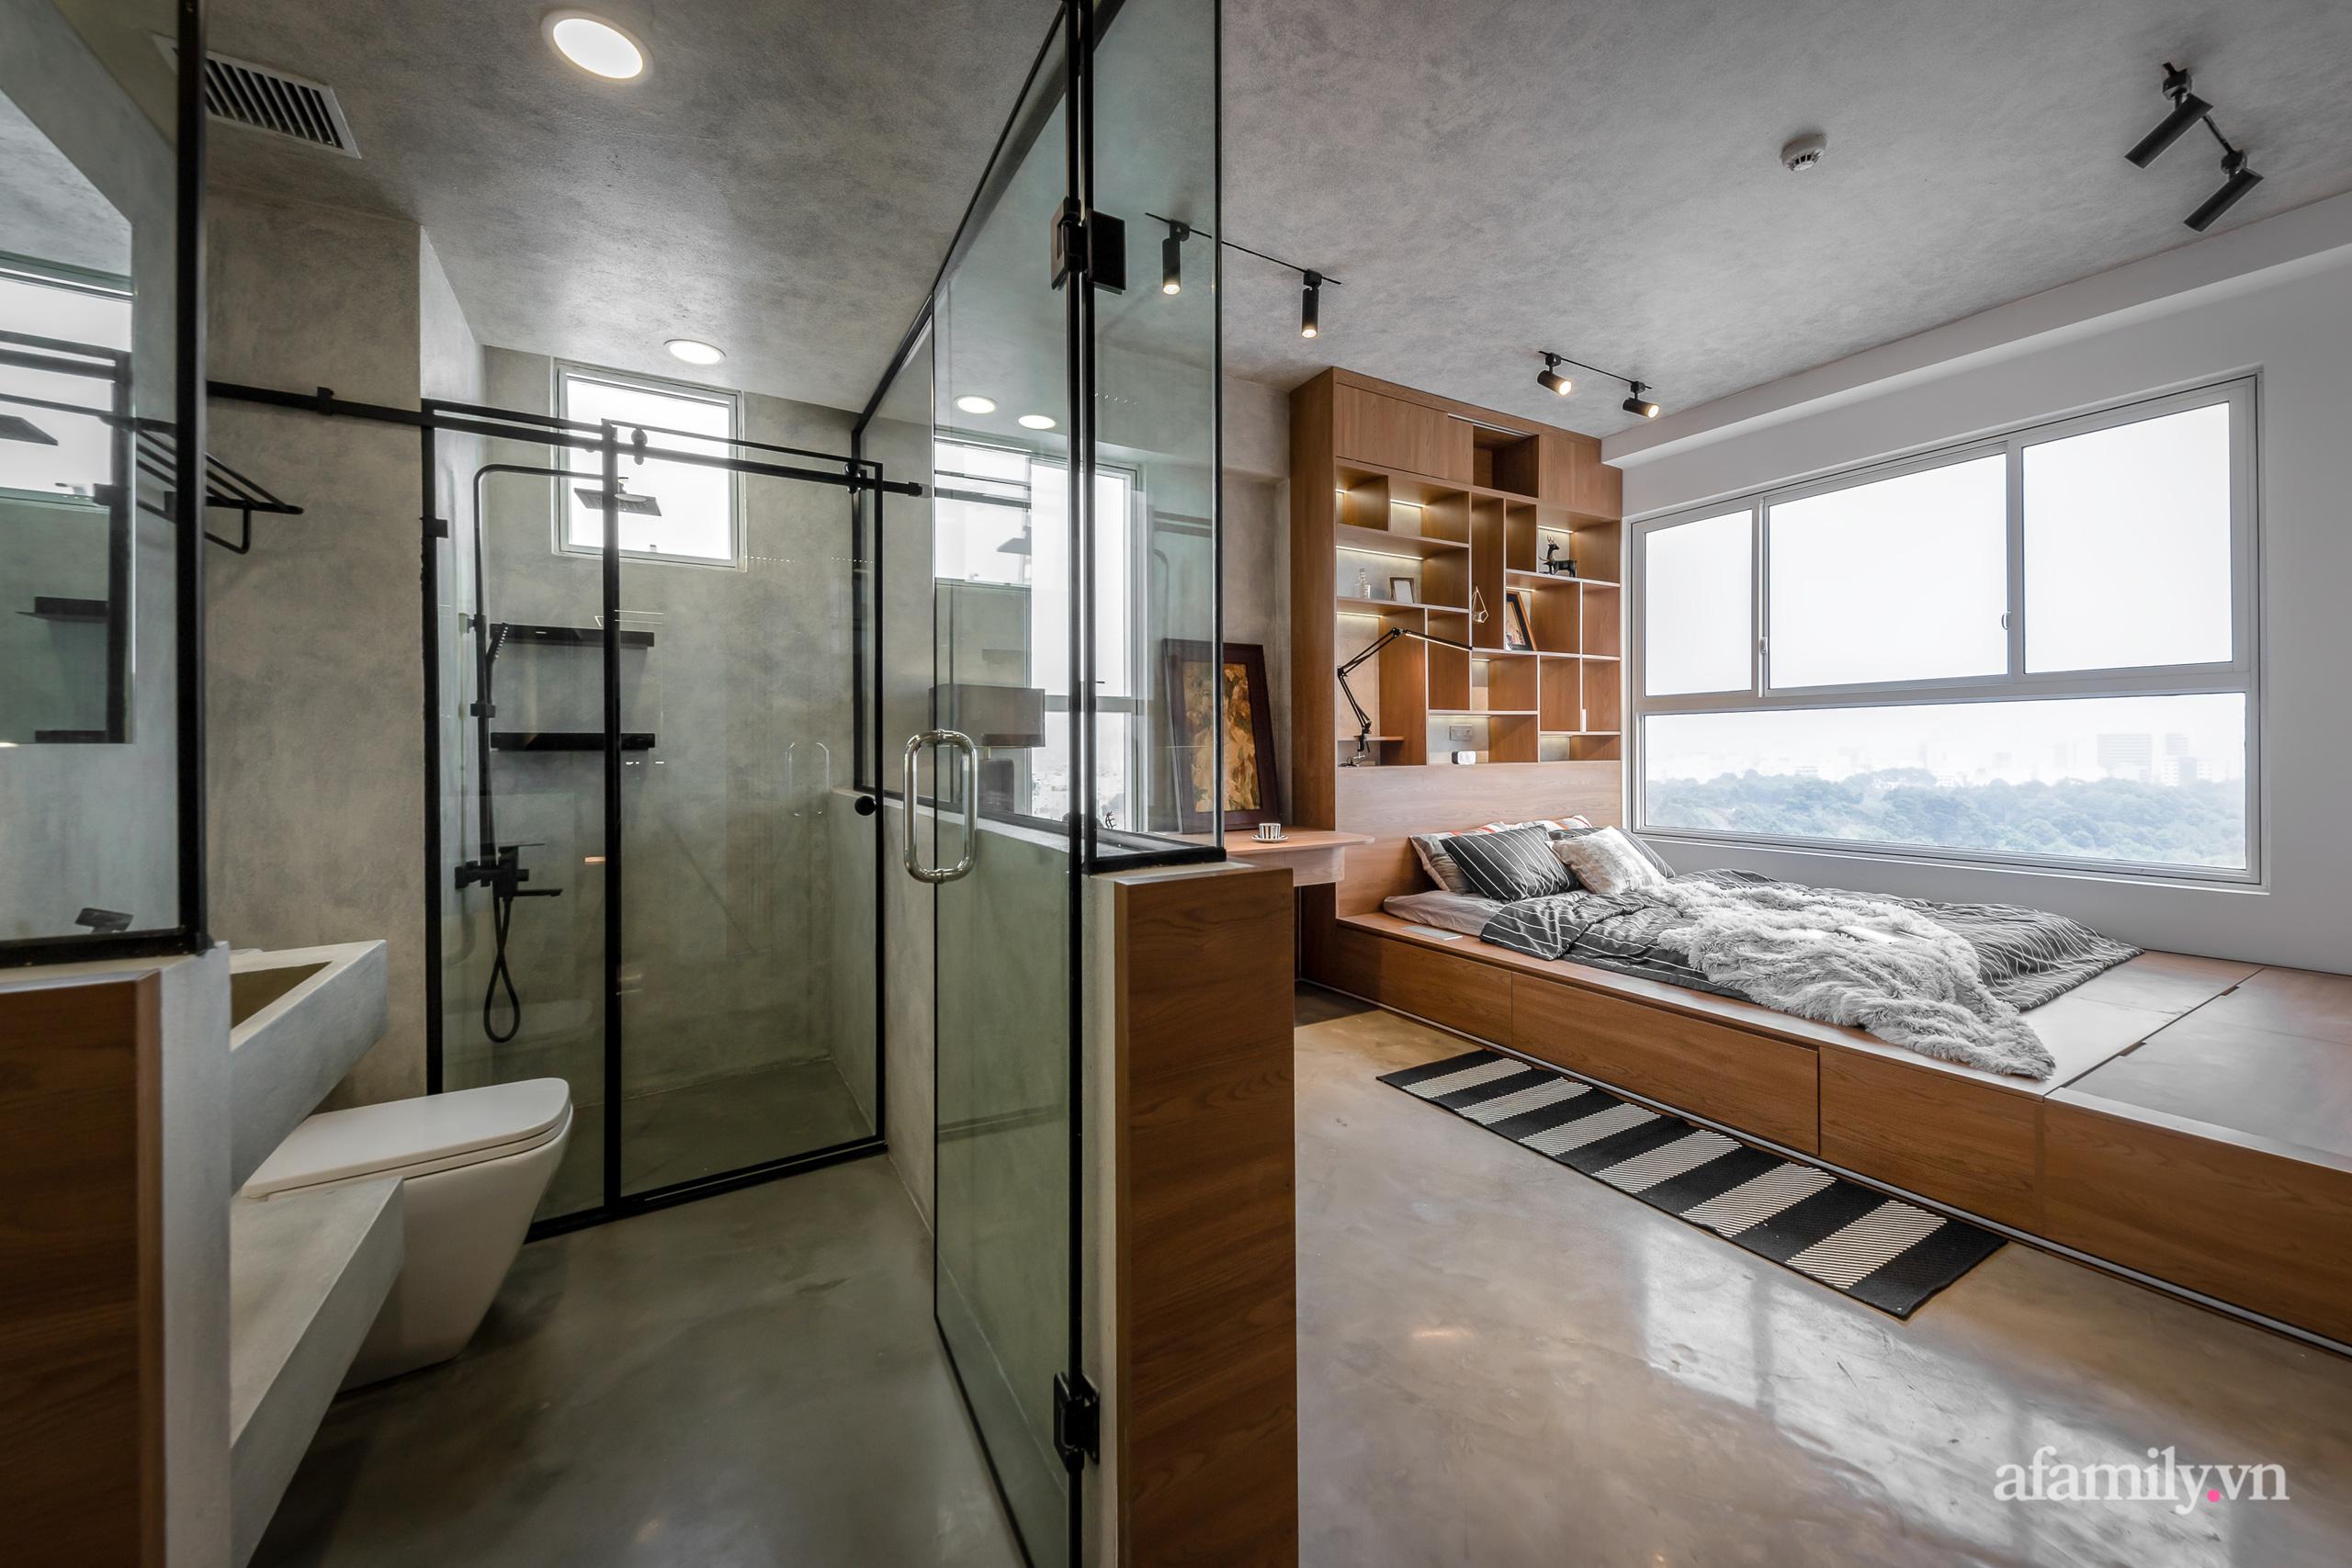 Căn hộ 106m² đẹp cá tính với hiệu ứng bê tông cùng phong cách tối giản có chi phí hoàn thiện 950 triệu đồng ở Sài Gòn - Ảnh 22.